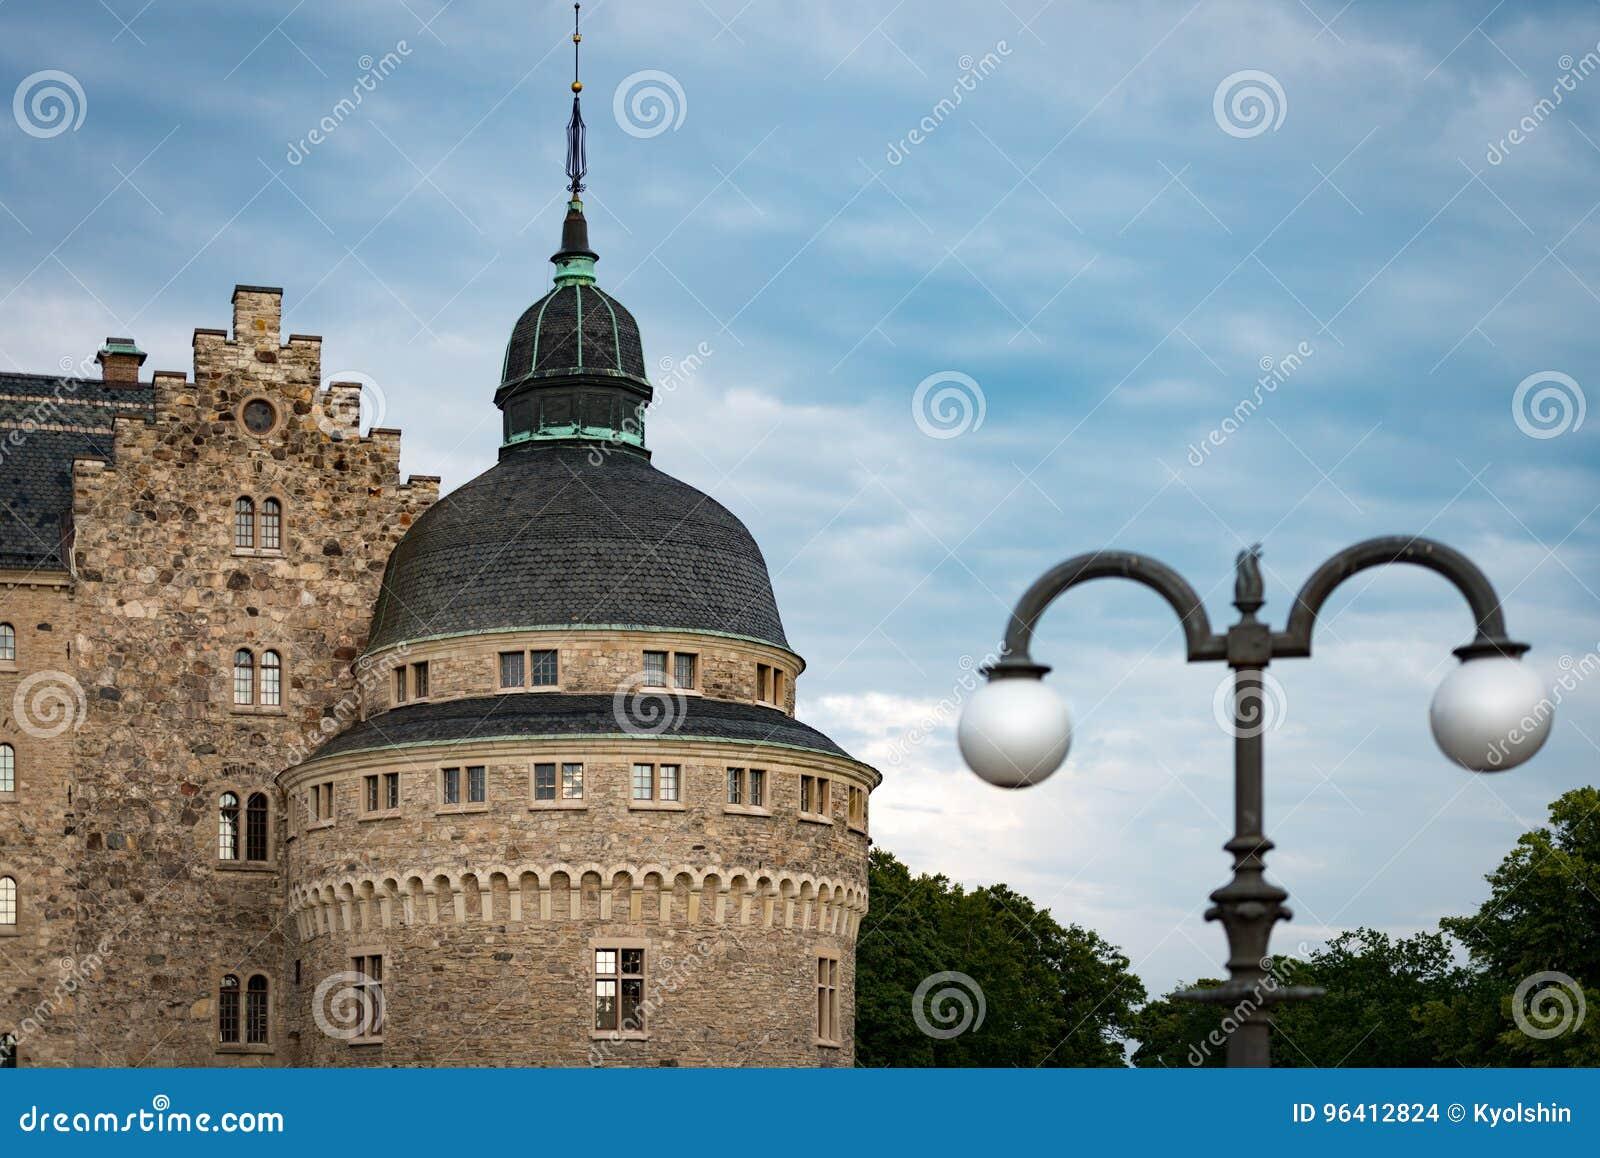 Vieux château médiéval dans Orebro, Suède, Scandinavie